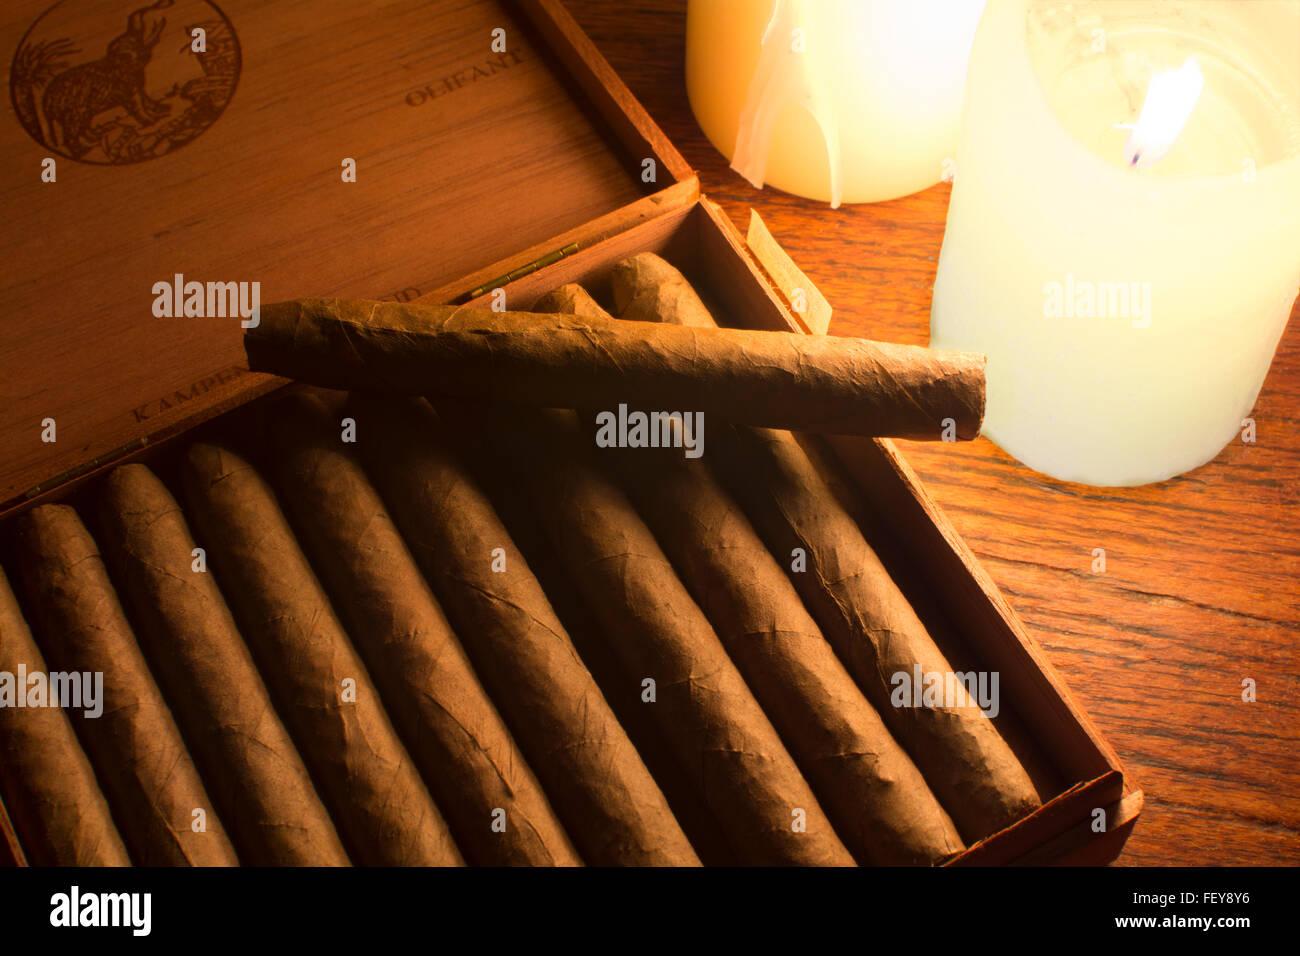 Zigarren bei Kerzenschein. Eine Schachtel mit De Olifant Zigarren aus Kampen, Holland (Niederlande) Stockbild